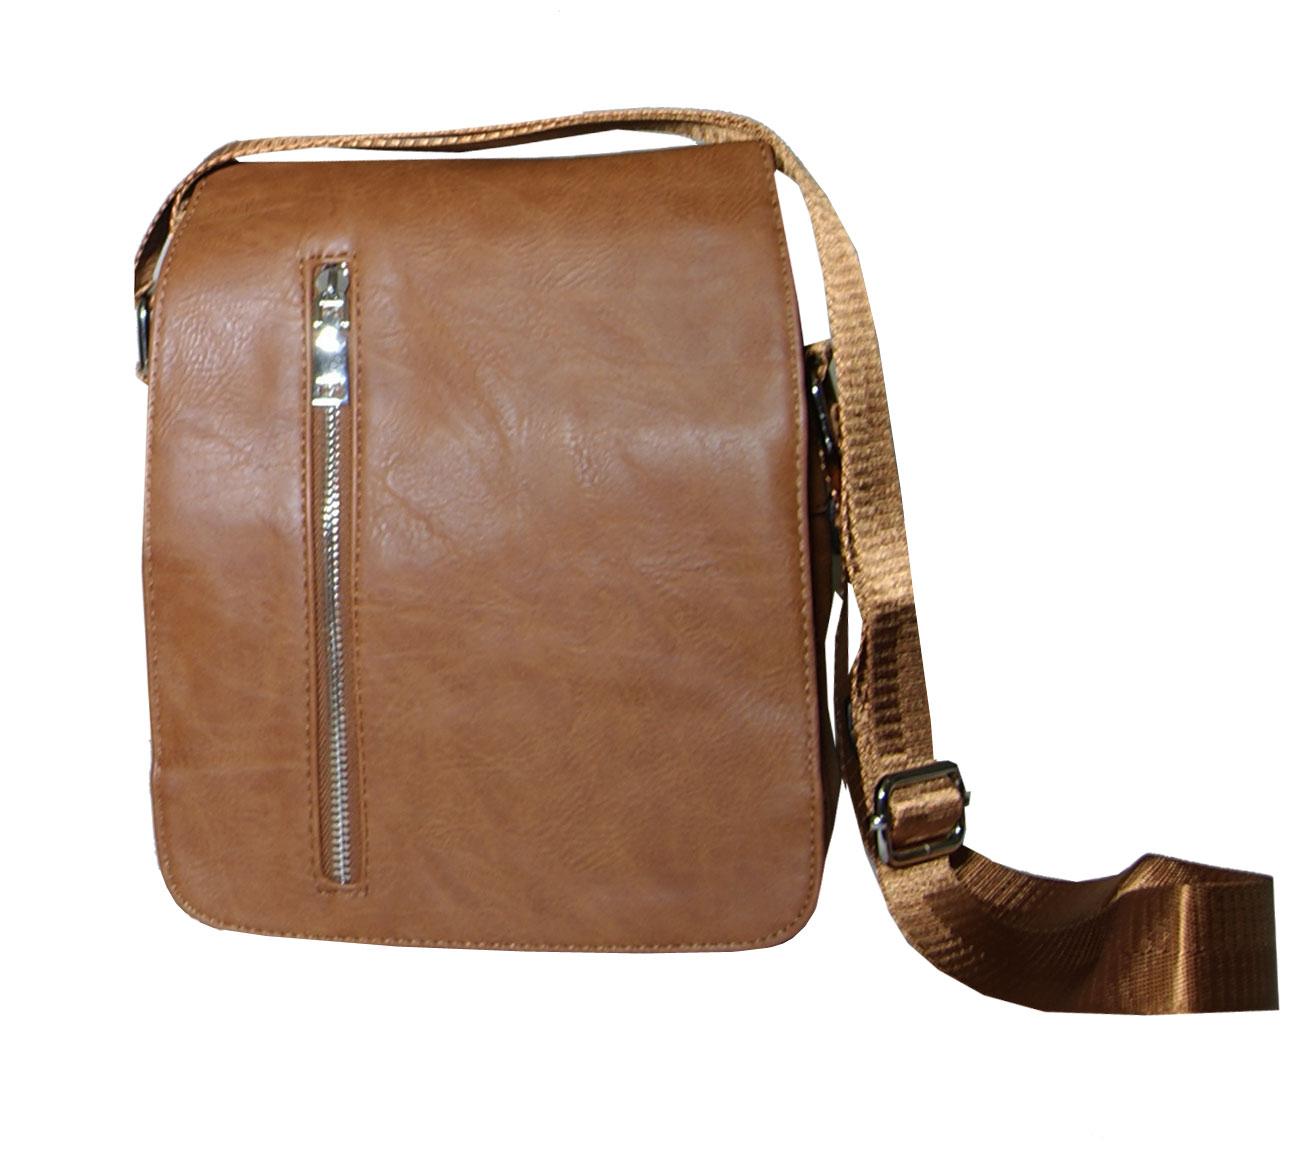 Τσάντα ώμου ανδρική Νο 1198 - Ταμπά